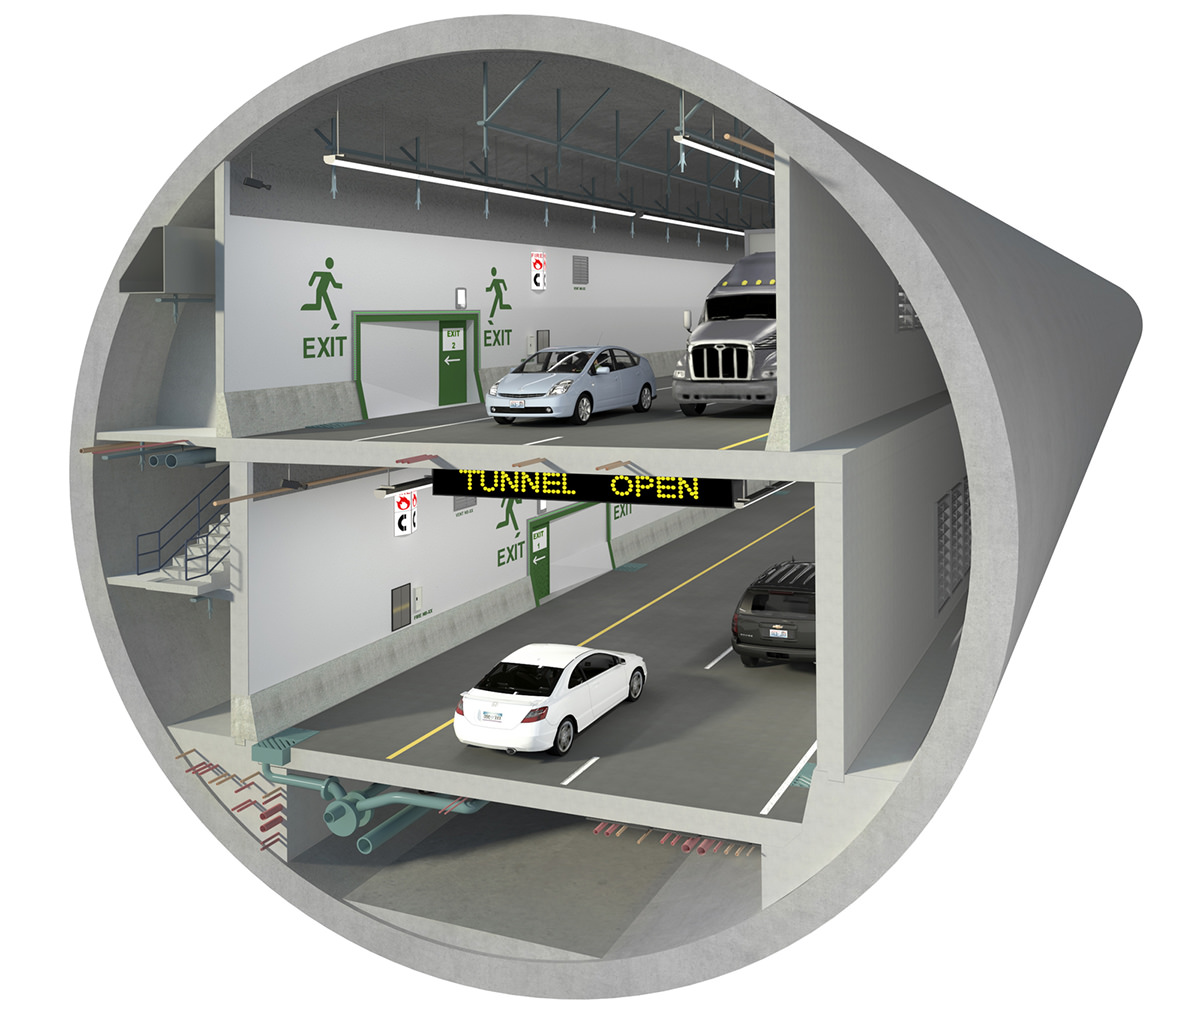 Seattle's SR-99 Tunnel